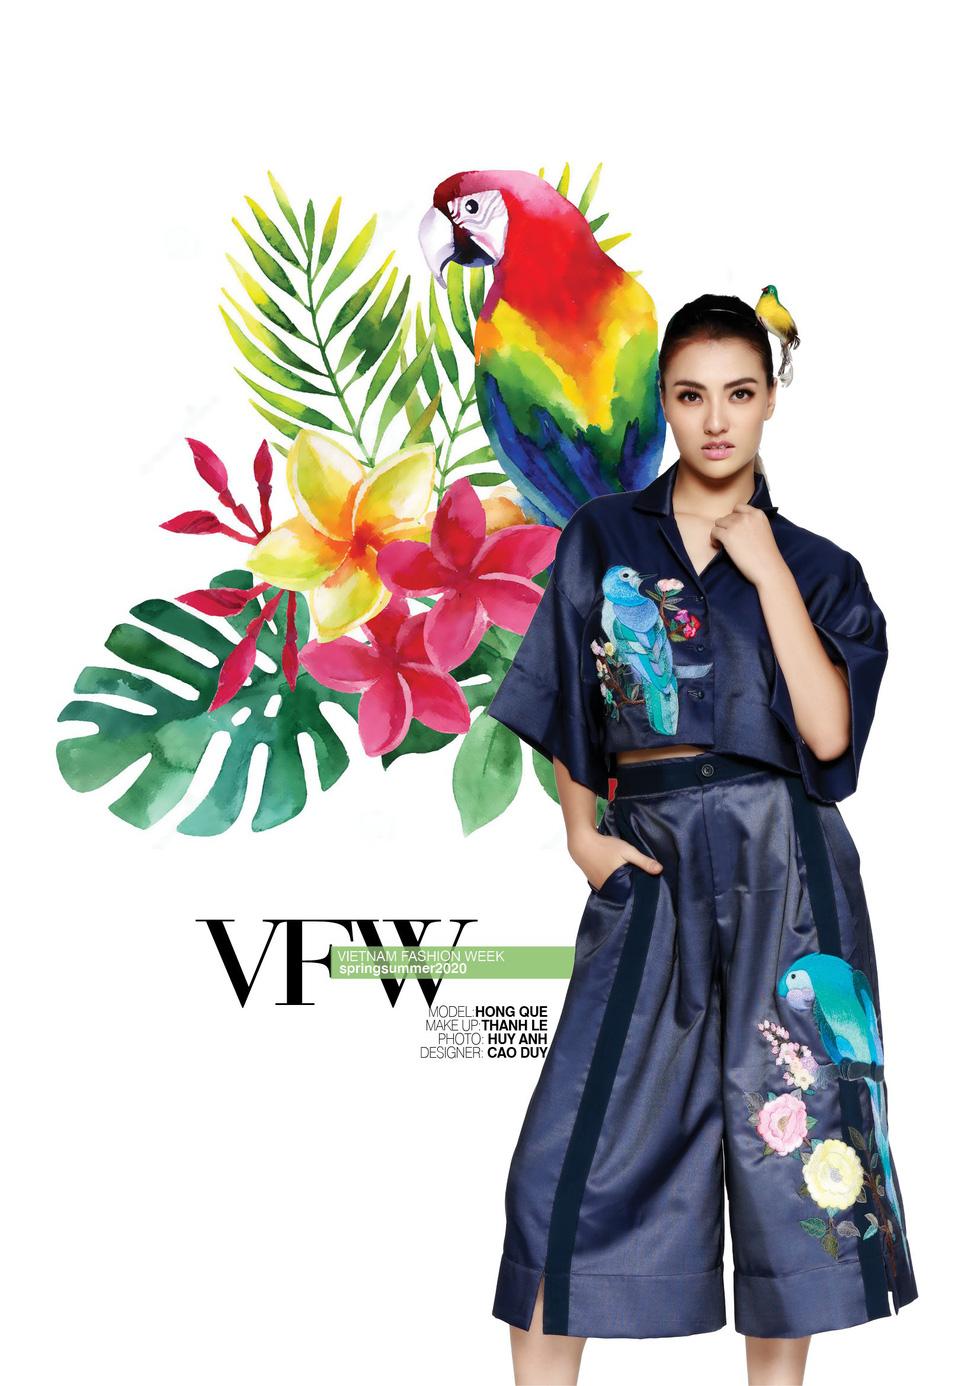 NTK Minh Hạnh: Sao phải đợi Louis Vuitton, ta mới thấy Việt Nam mình đẹp! - Ảnh 4.